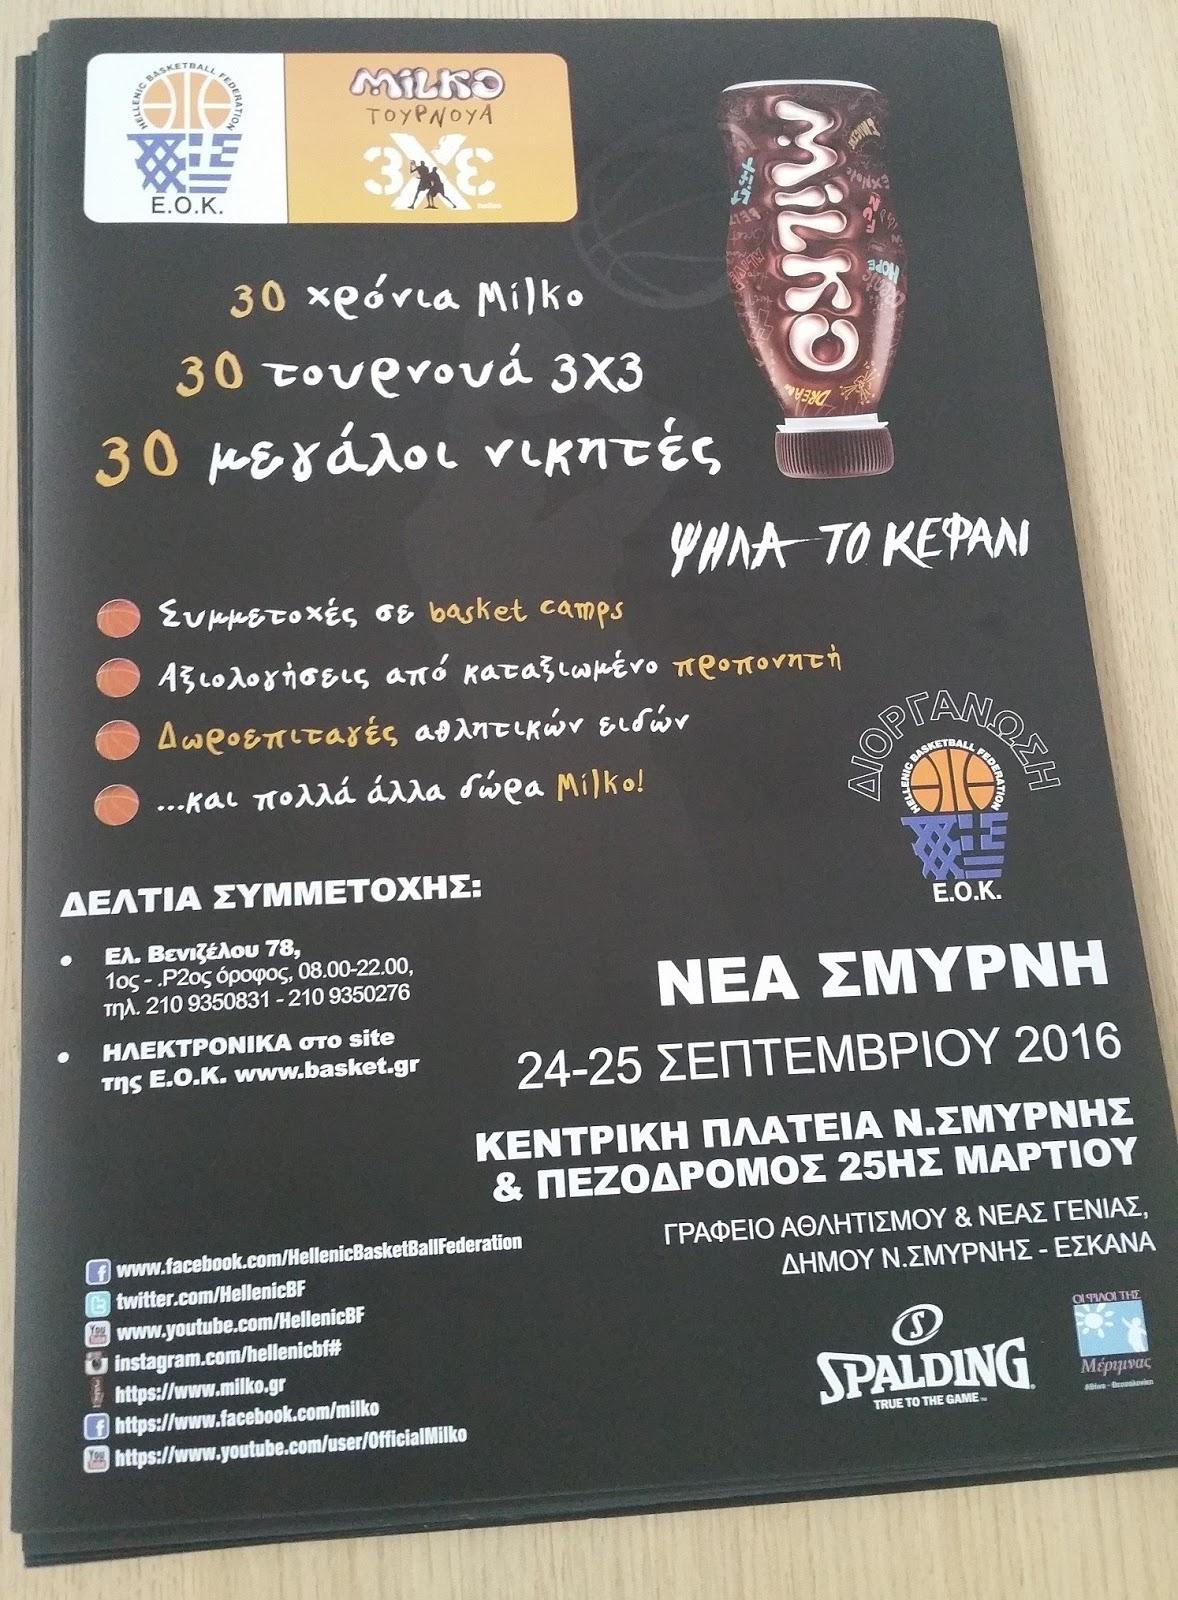 Στην Ν. Σμύρνη το τουρνουά MILKO 3X3,  24 και 25 Σεπτεμβρίου